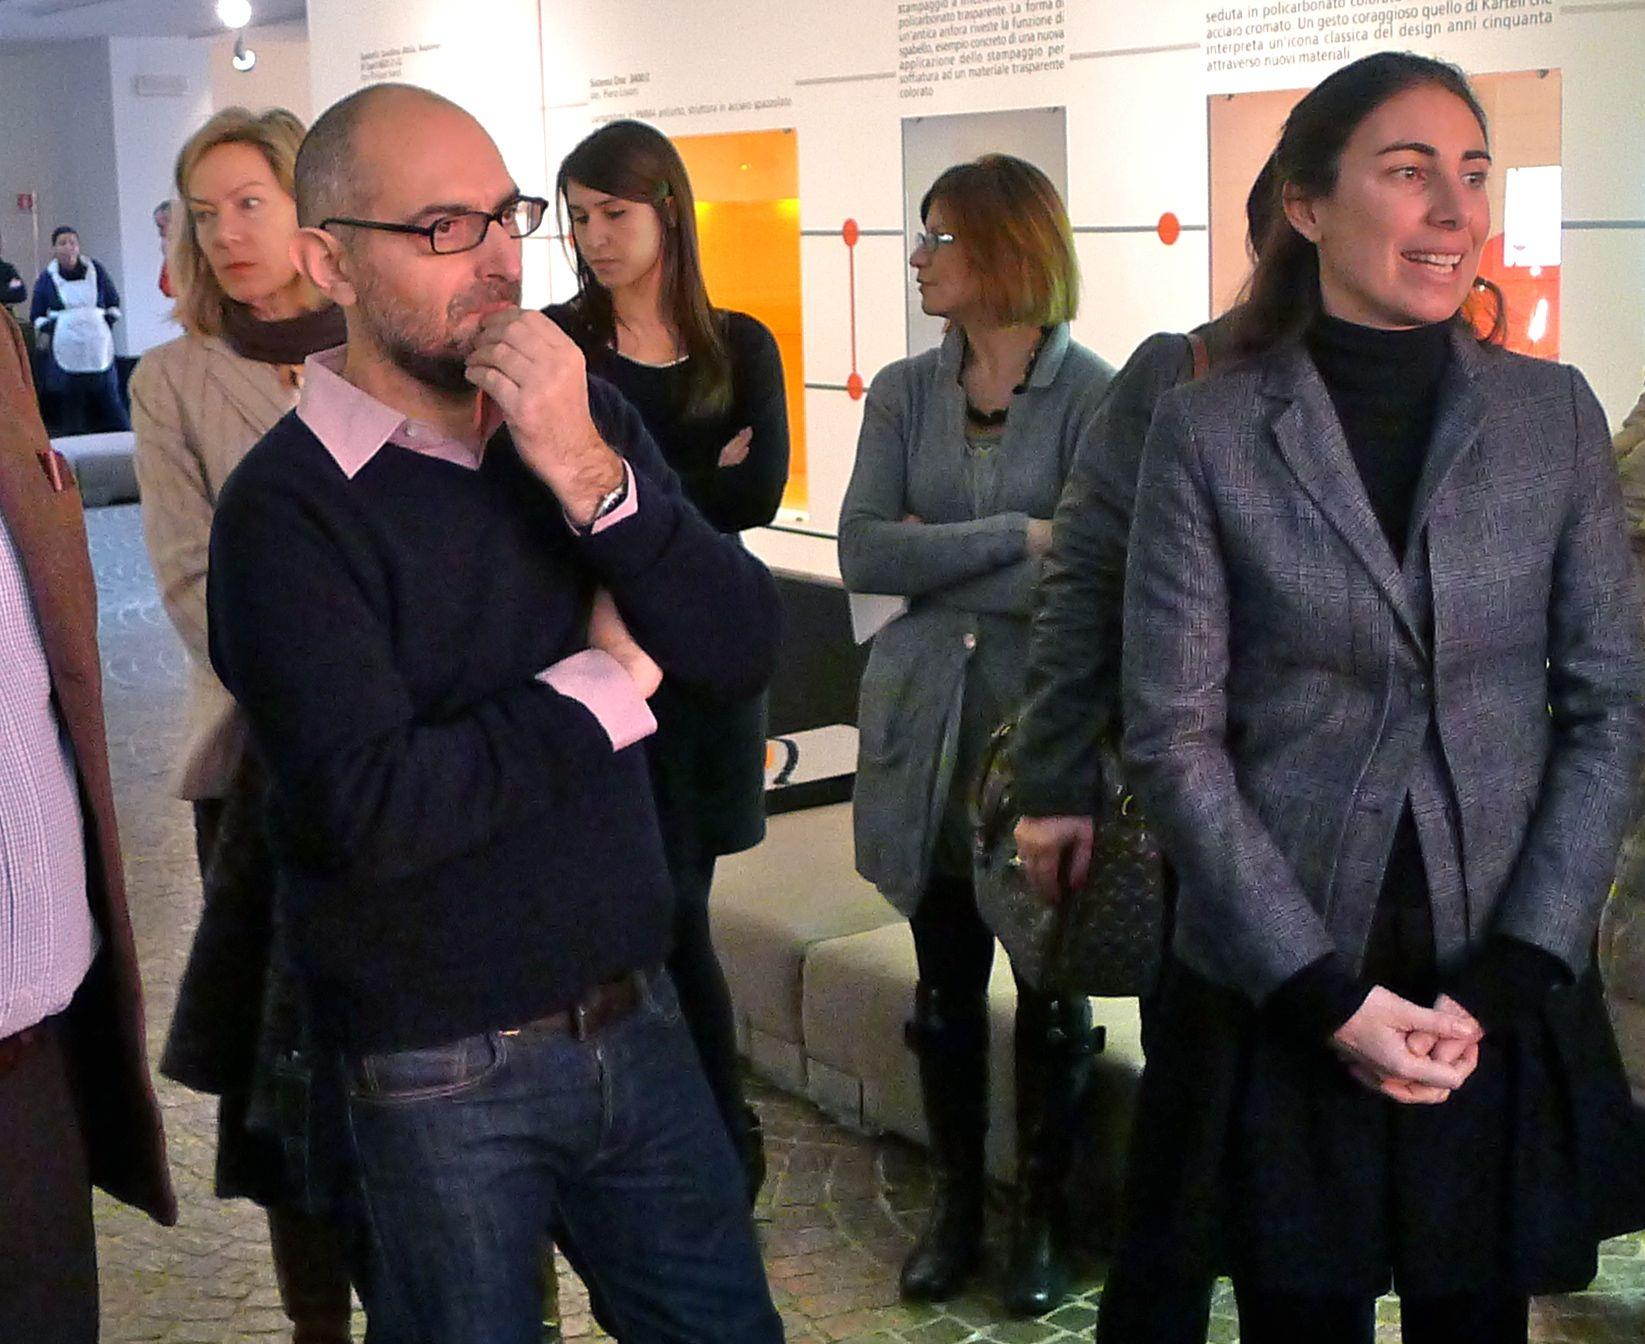 Ferruccio Laviani: Praca pod presją czasem daje efekt